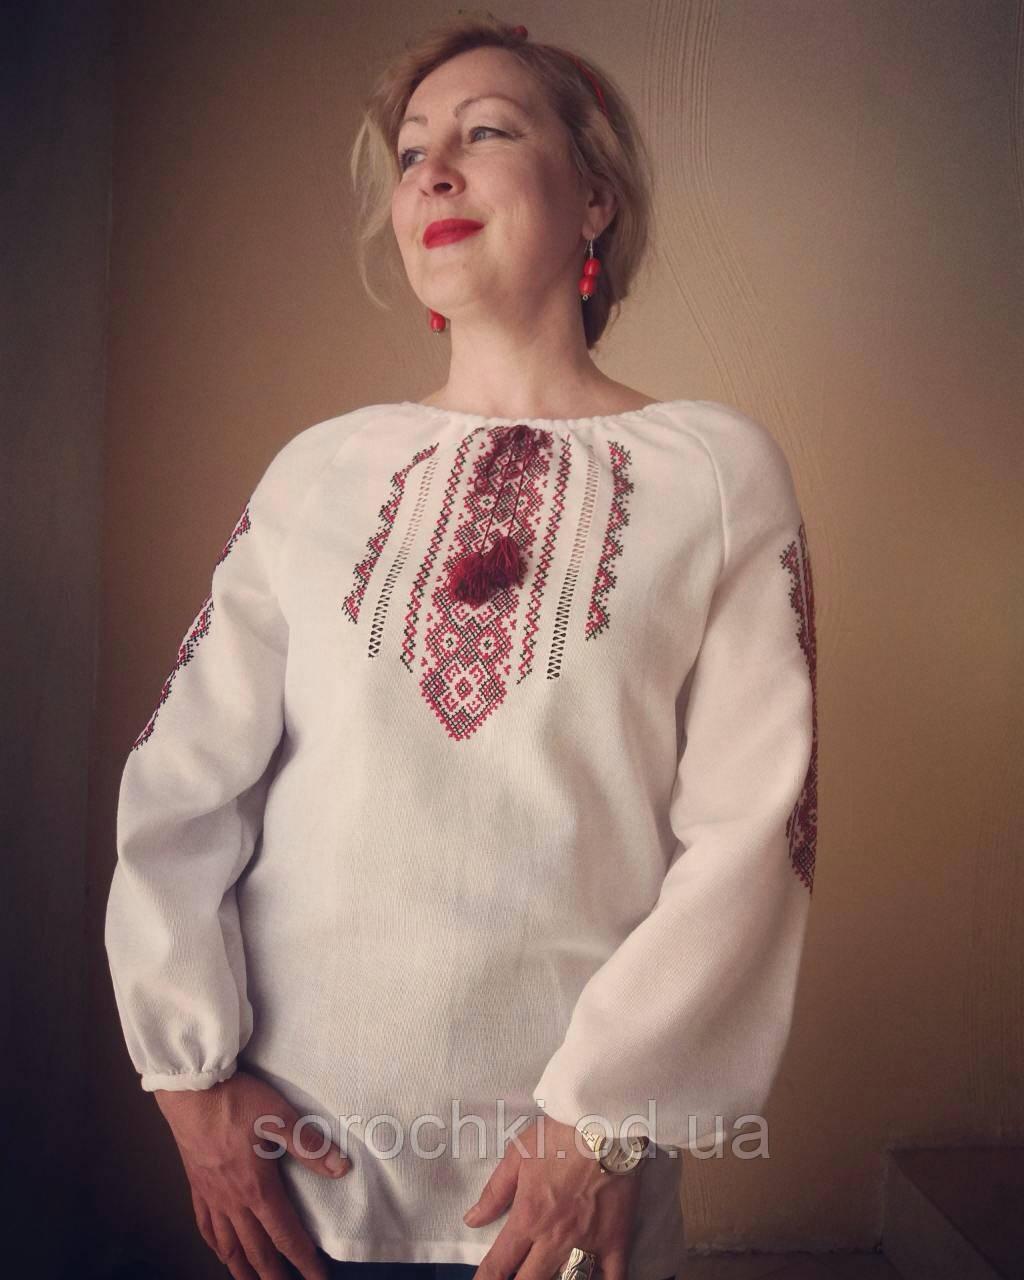 Вышиванка , женская , белая , ручная вышивка на домотканной ткани